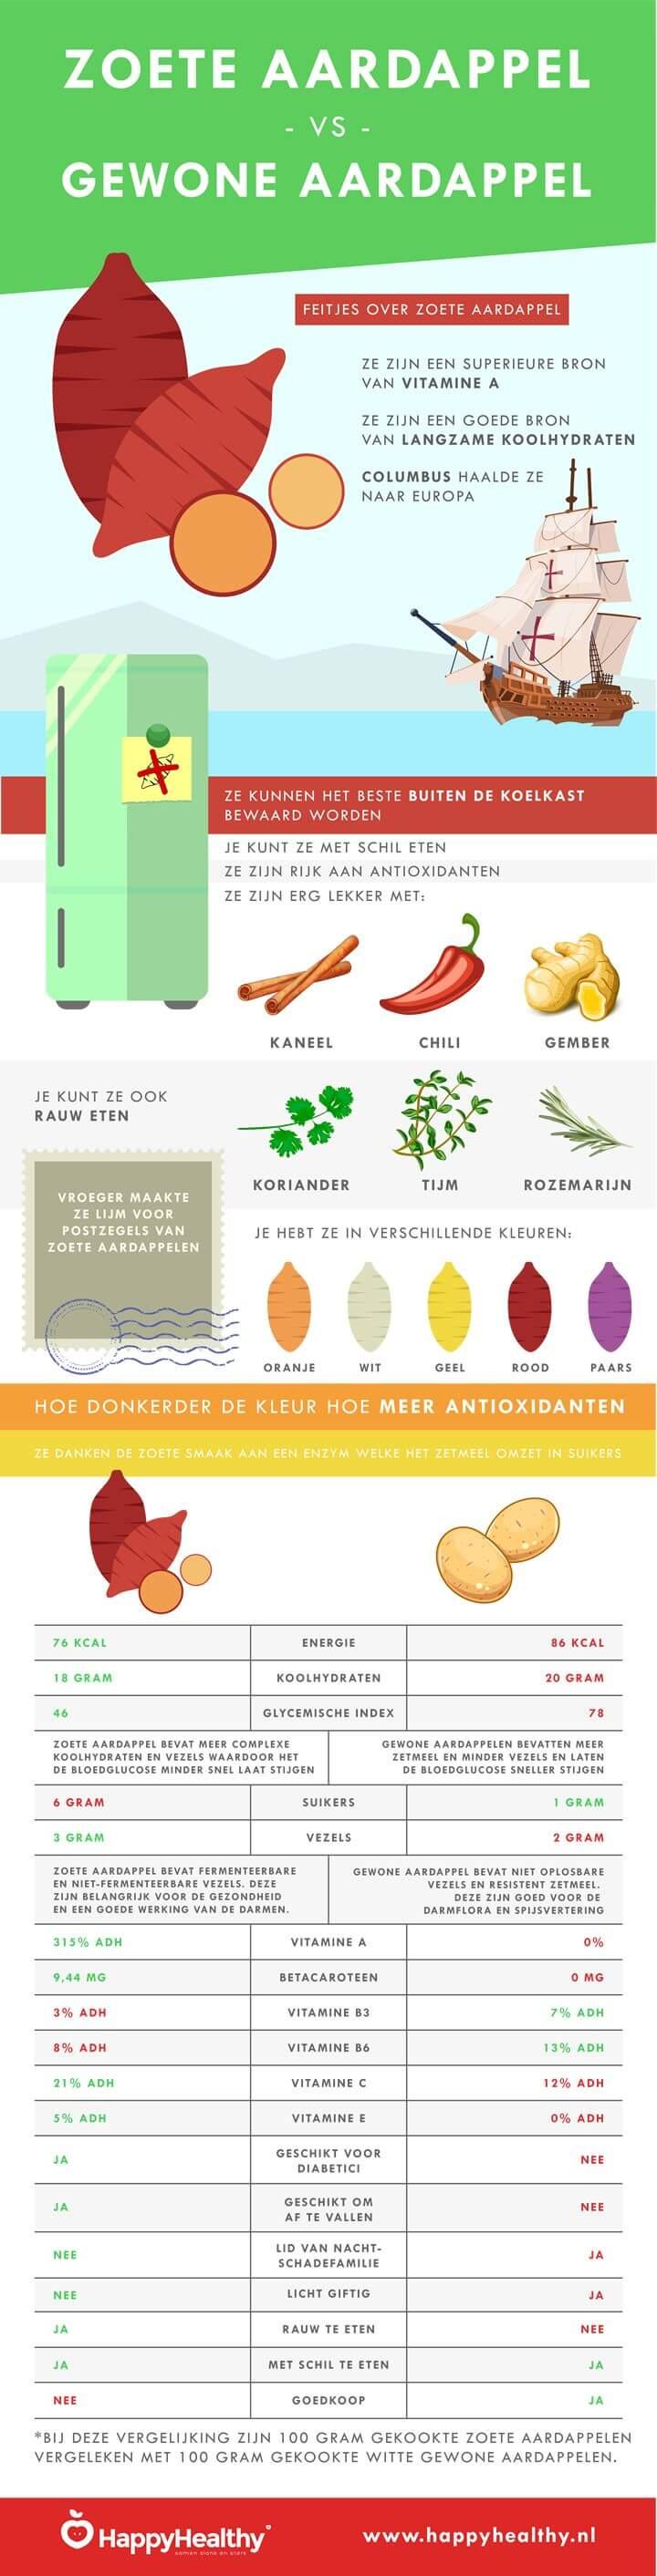 Zoete aardappel infographic